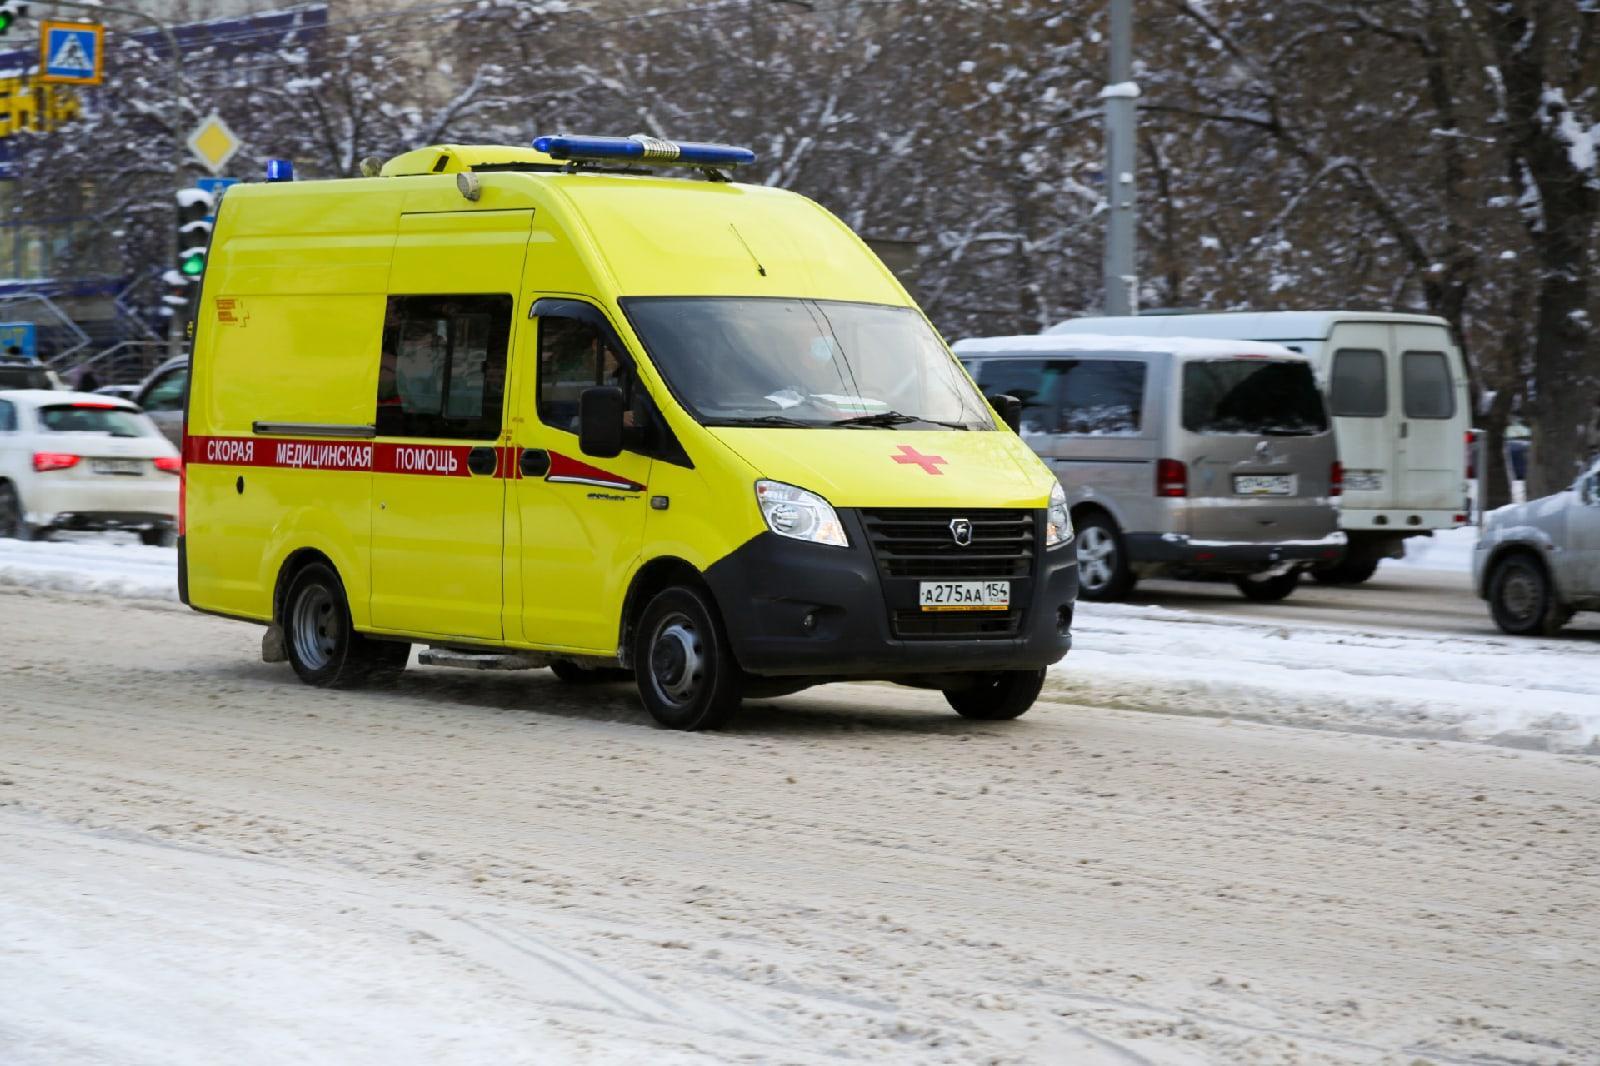 фото Три суицида за 10 дней: почему больные коронавирусом сводят счёты с жизнью в новосибирских ковид-госпиталях 3